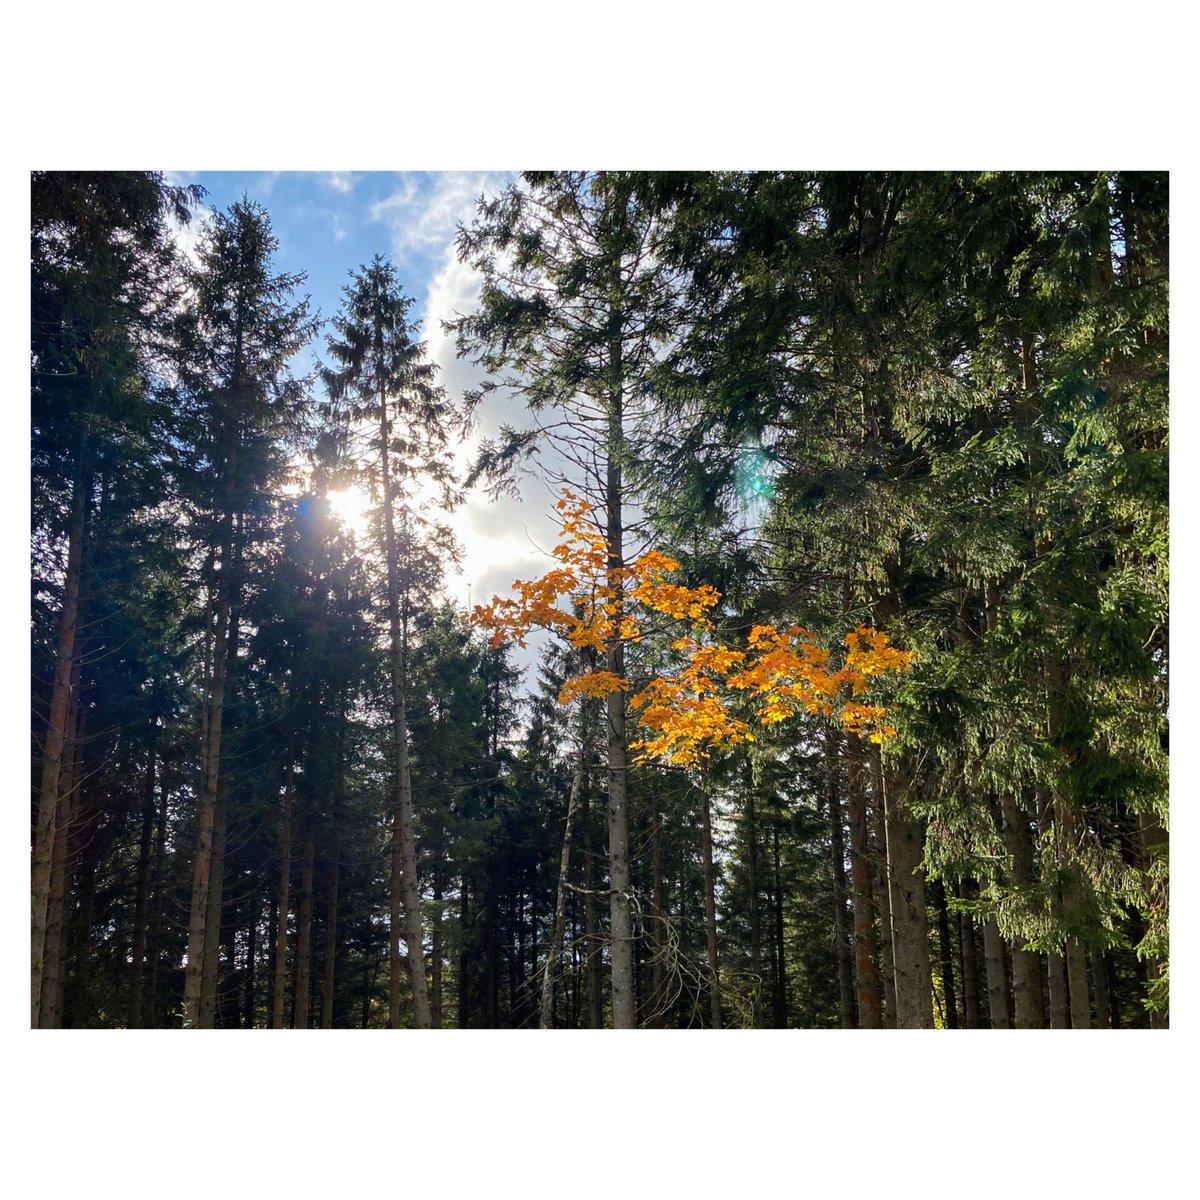 A subtle dash of autumn to start off your day 😊 #autumncolours @WoodlandTrust @NaturalEngland #FOTO #nature https://t.co/xWDxpMiSXQ